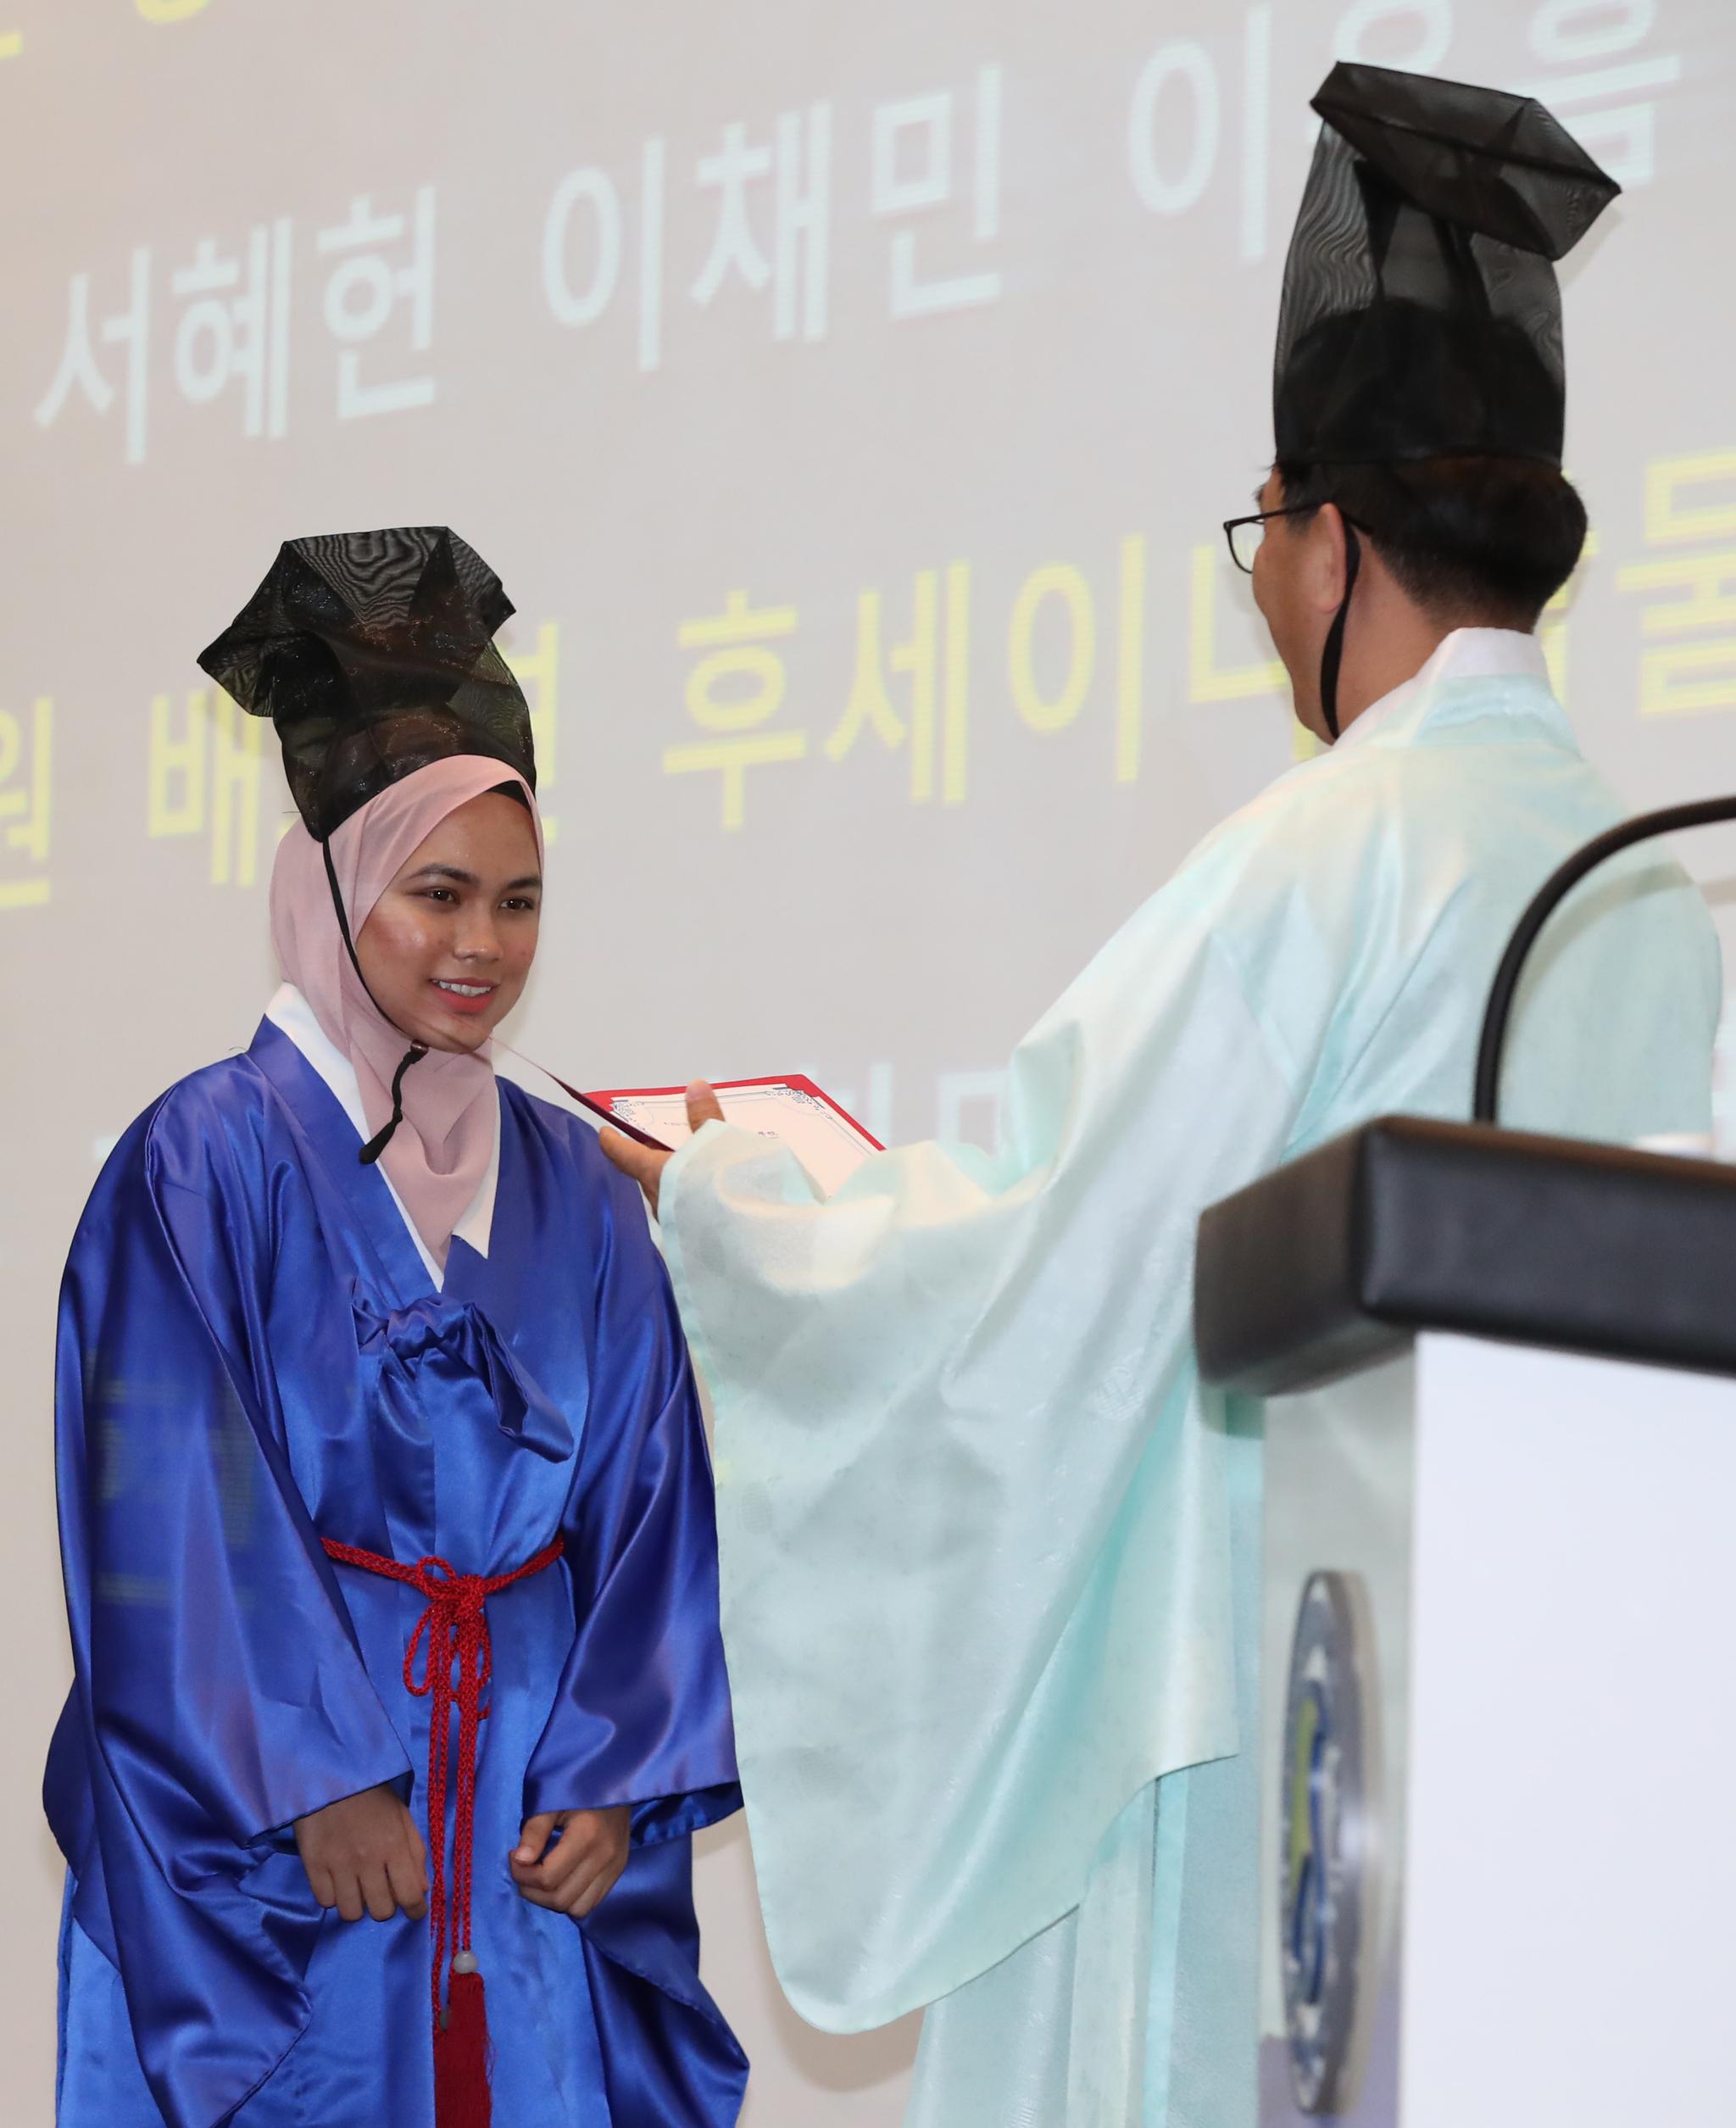 히잡을 쓴 외국인 유학생이 병과 급제 상장을 받고 있다.우상조 기자